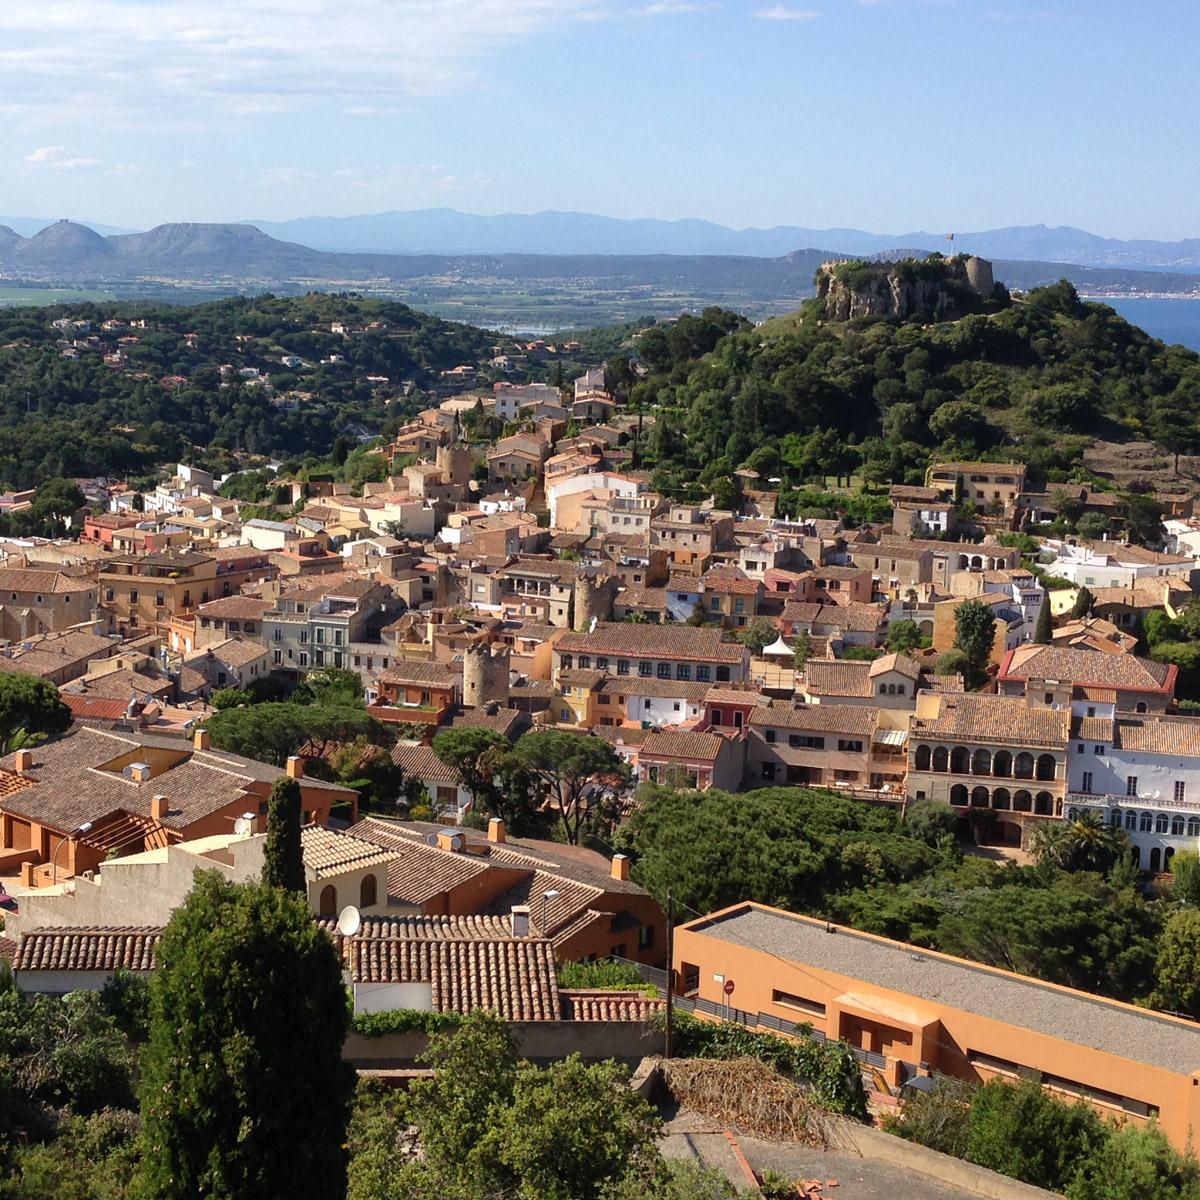 tourist center of the Baix Emporda